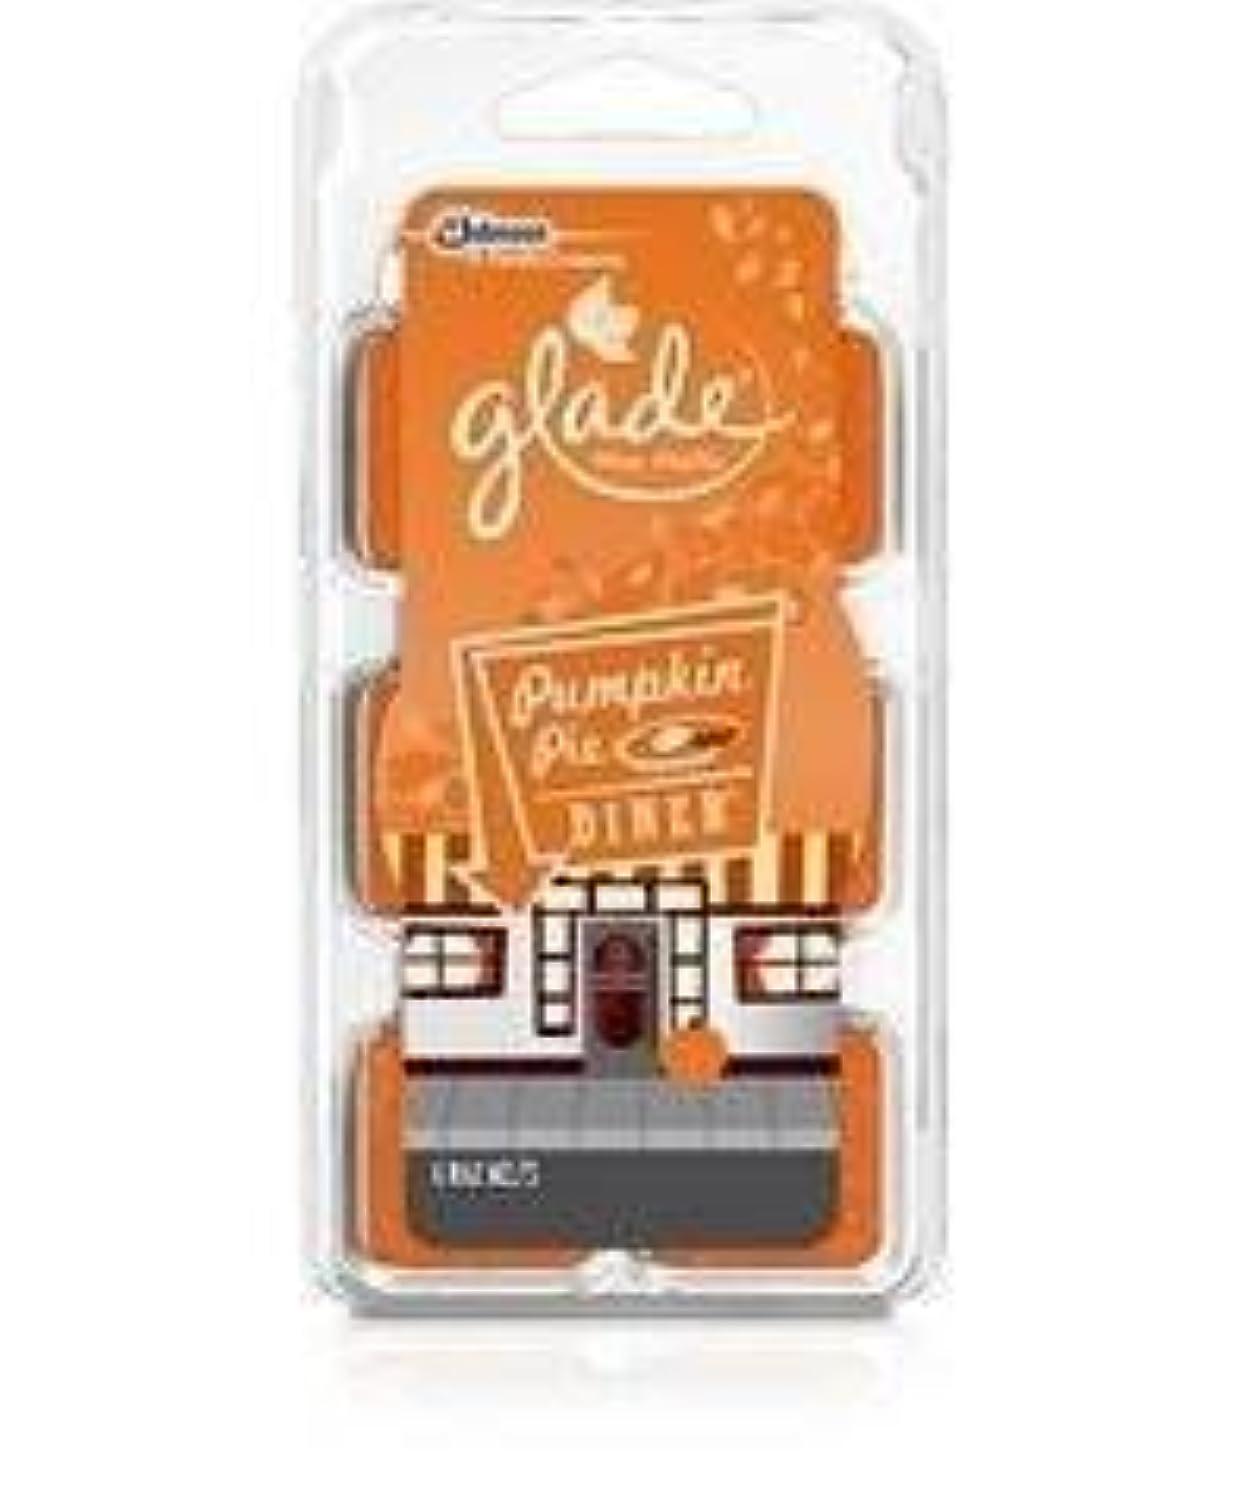 擬人ミュージカル沼地GladeワックスMelts – Limited Edition冬コレクションfor the Holidays ( 3、パンプキンパイDiner ) by SCジョンソン